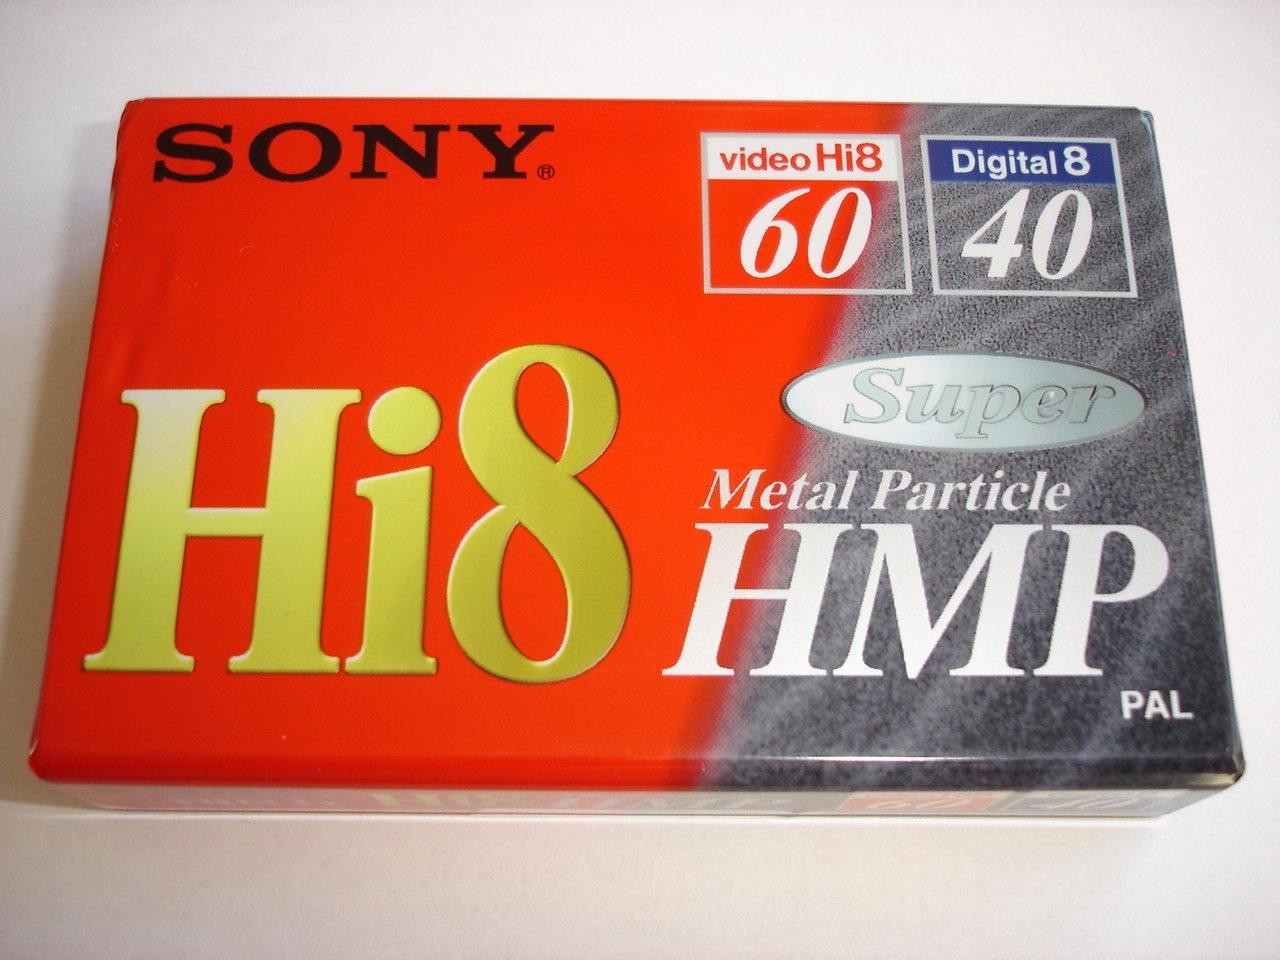 Sony P560HMP - Cinta Hi-8 virgen (tamaño de cinta: 8 mm, 60 minutos): Amazon.es: Electrónica